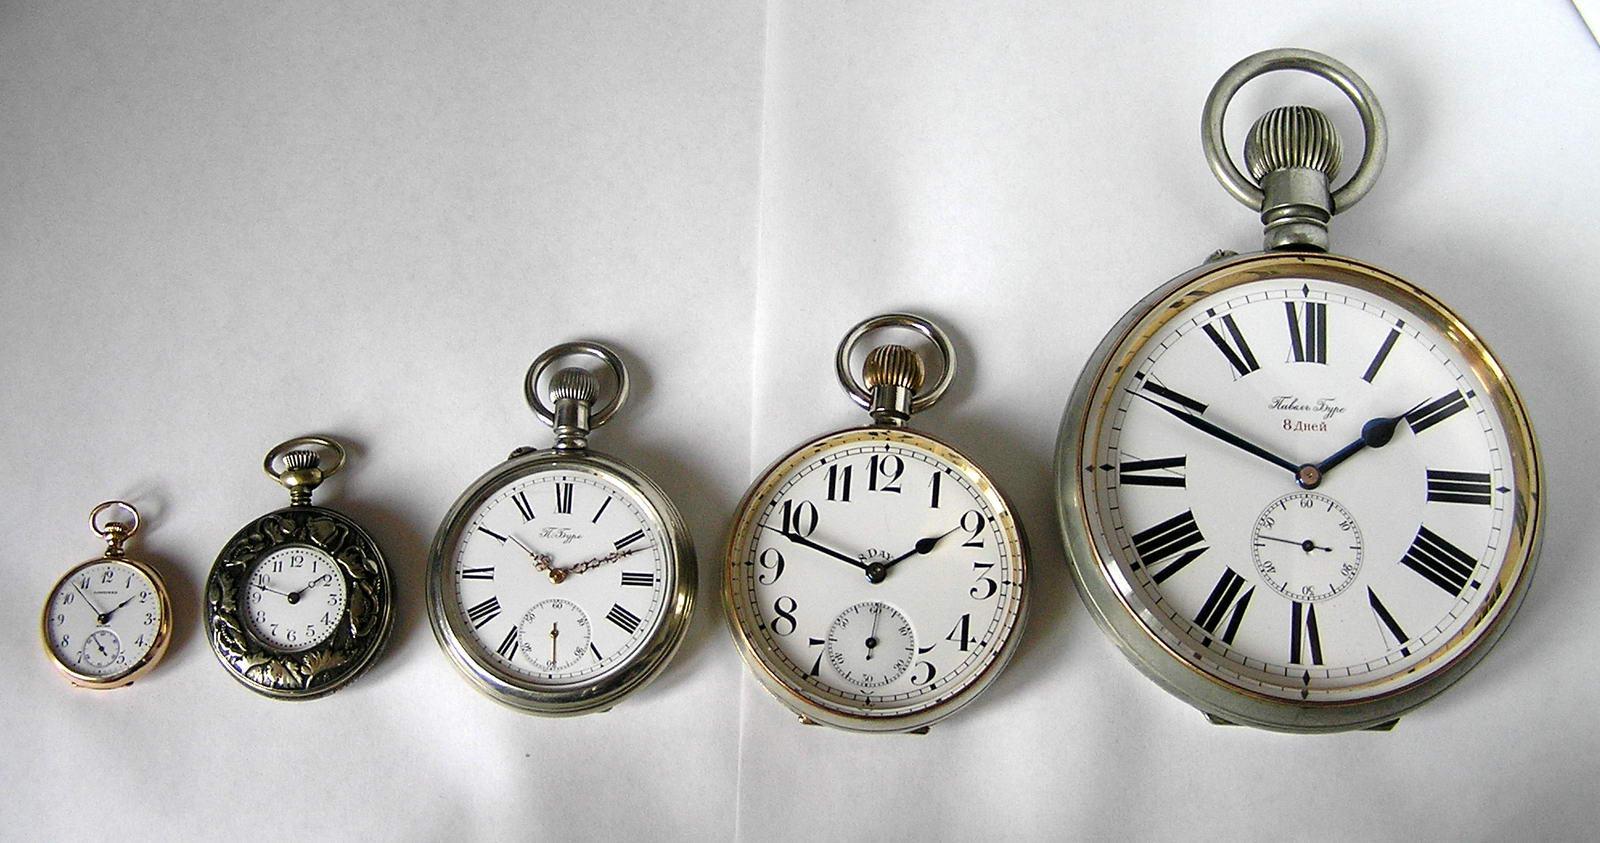 Изобретение часовой спирали, заменяющей маятник, крайне важное для навигации; первые часы со спиралью были сконструированы в Париже часовым мастером Тюре в 1674 году. В 1675 году запатентовал карманные часы.